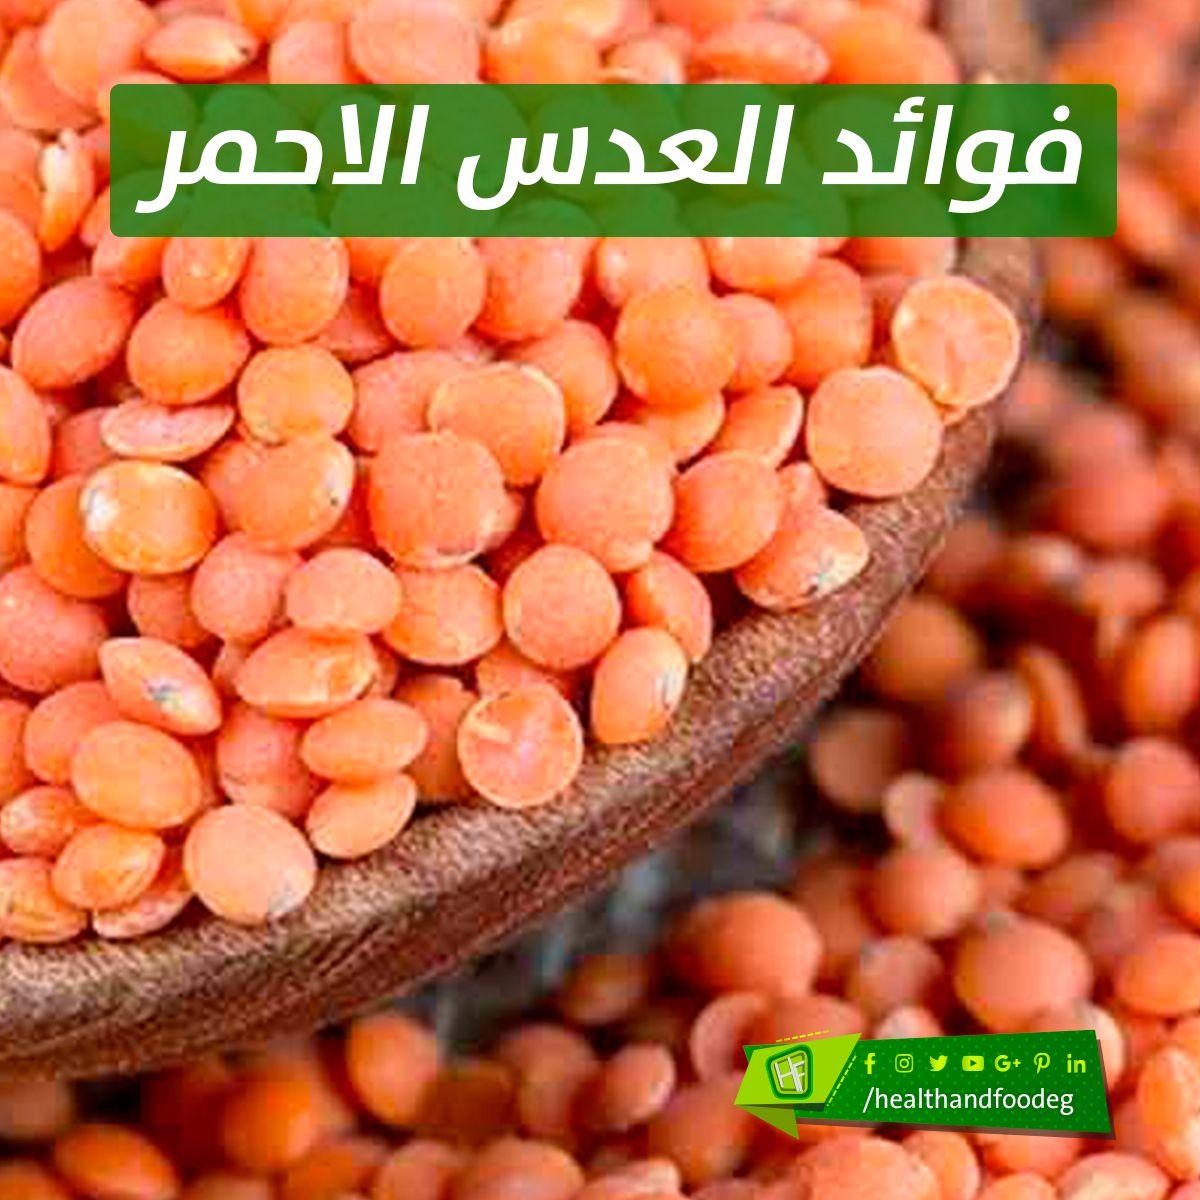 فوائد العدس الاحمر أكثر من 20 طريقة علاجية Vegetables Food Beans